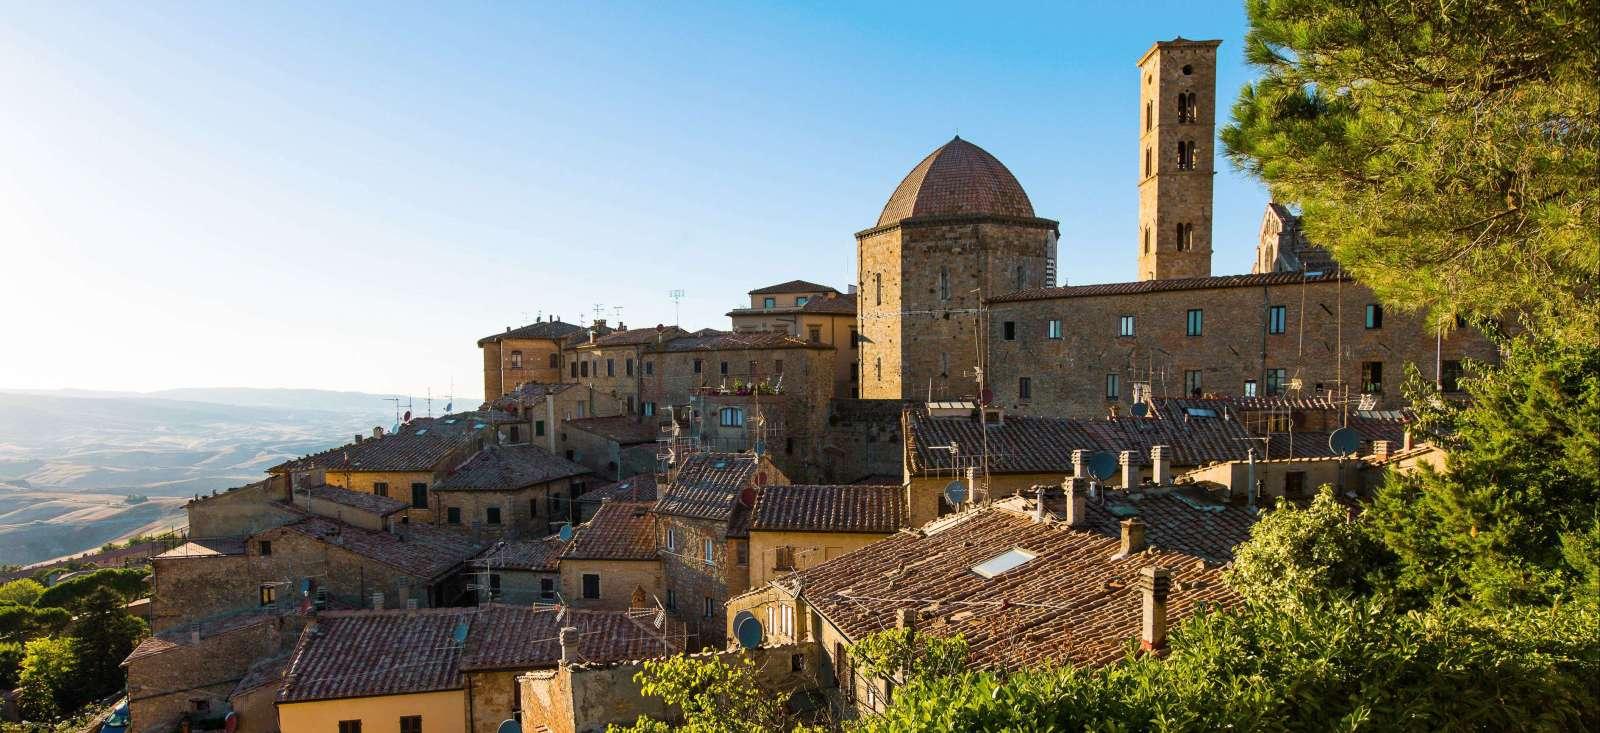 Voyage à pied Italie : Pleins feux sur l'incontournable Toscane